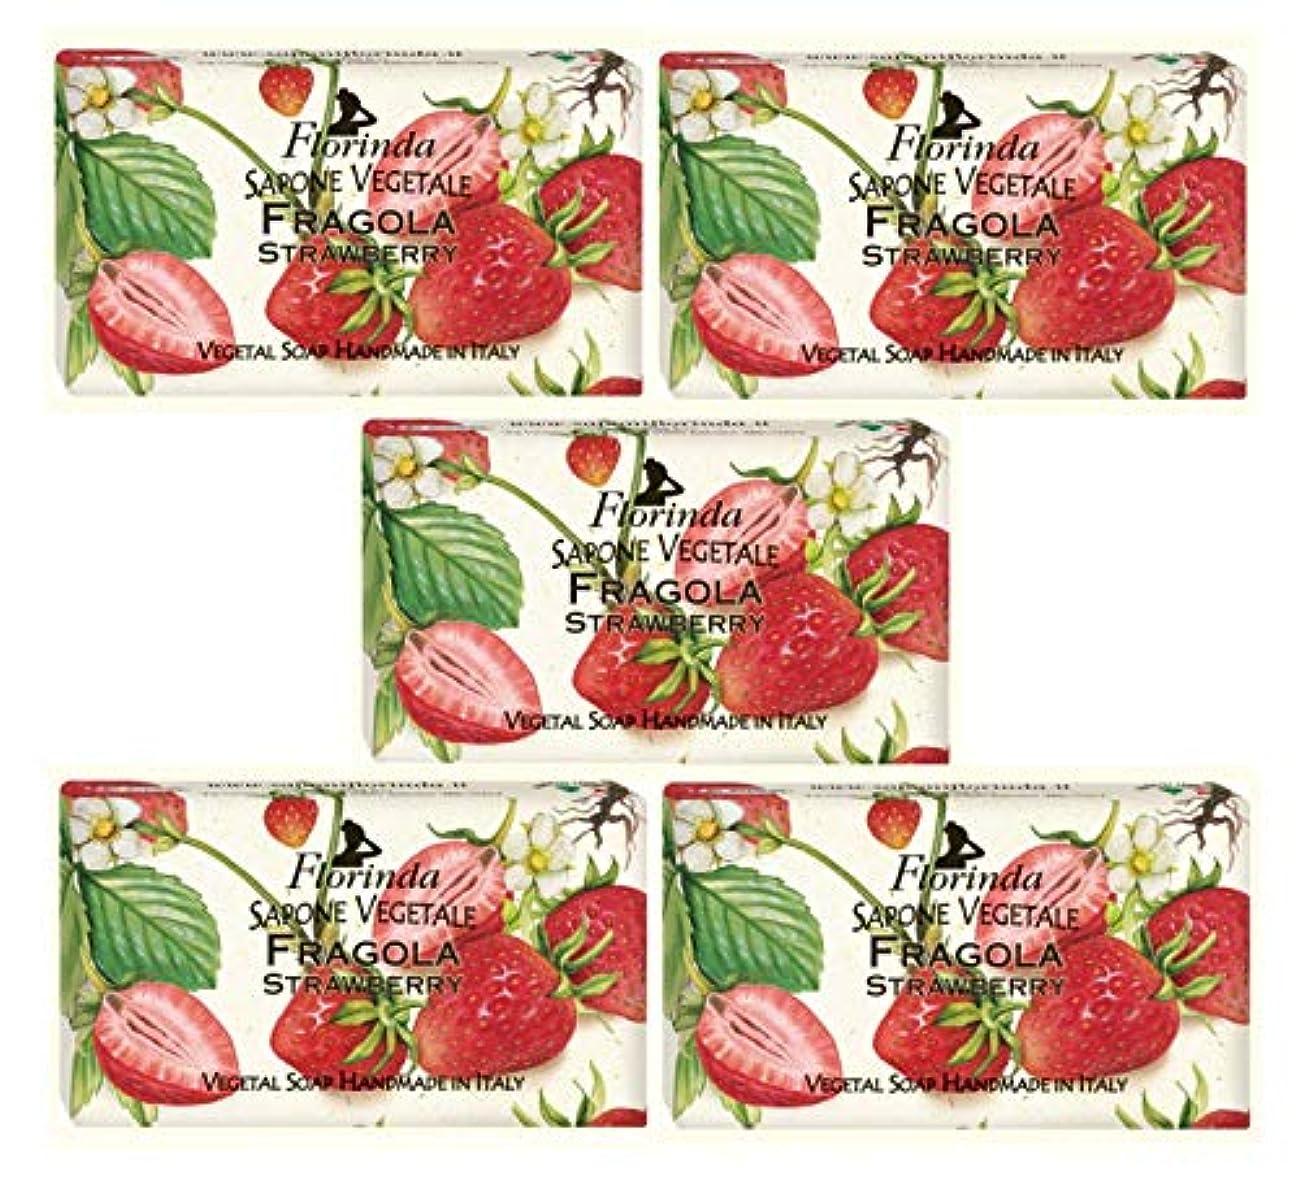 弾薬着替える言語フロリンダ フレグランスソープ 固形石けん フルーツの香り ストロベリー 95g×5個セット